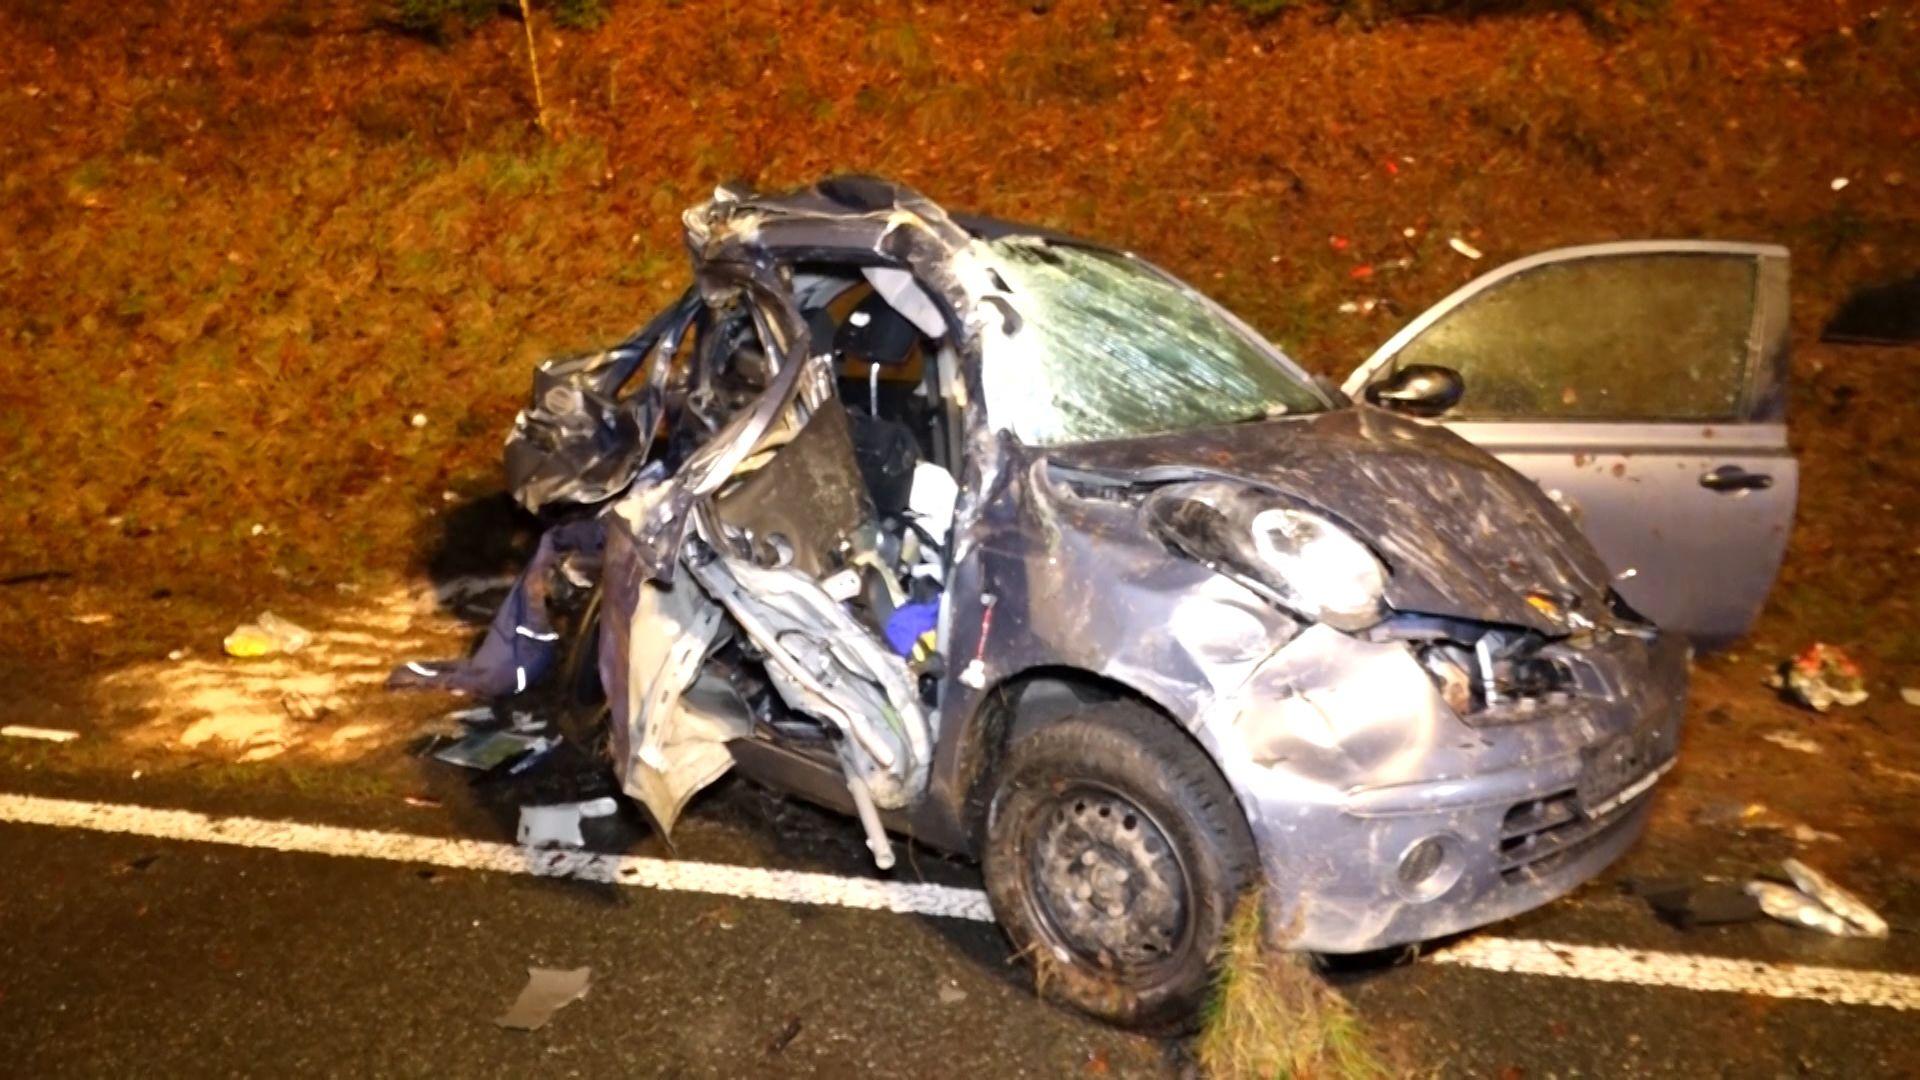 Das zerstörte Auto am Straßenrand